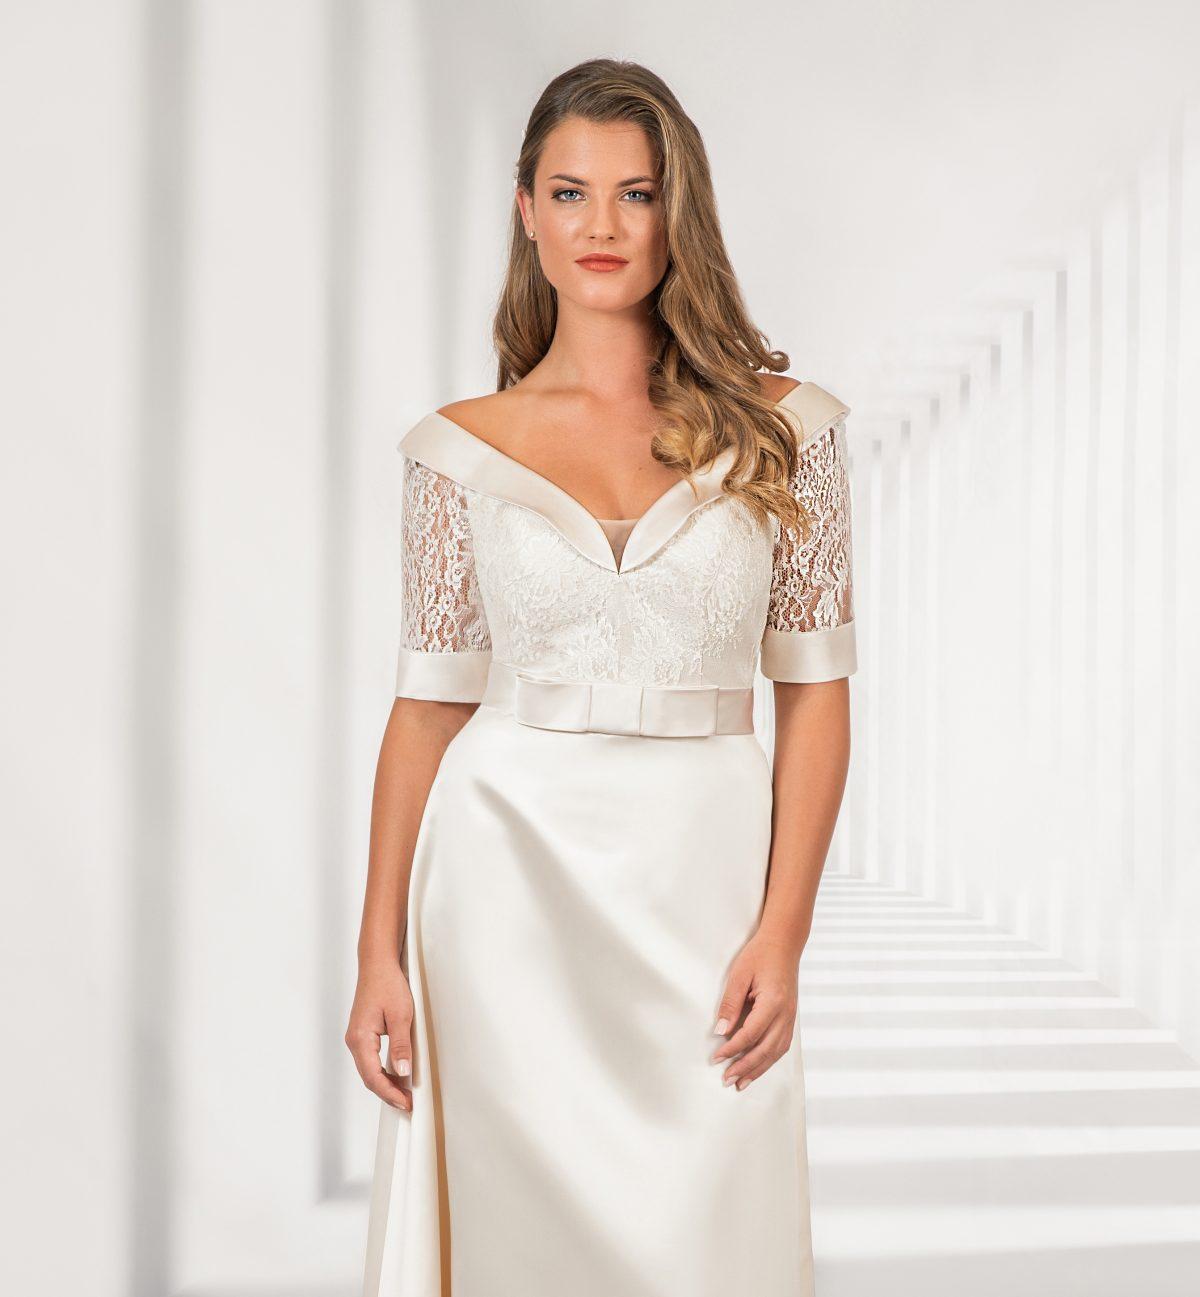 Titelbild Startseite Haute Couture Kollektion 2019